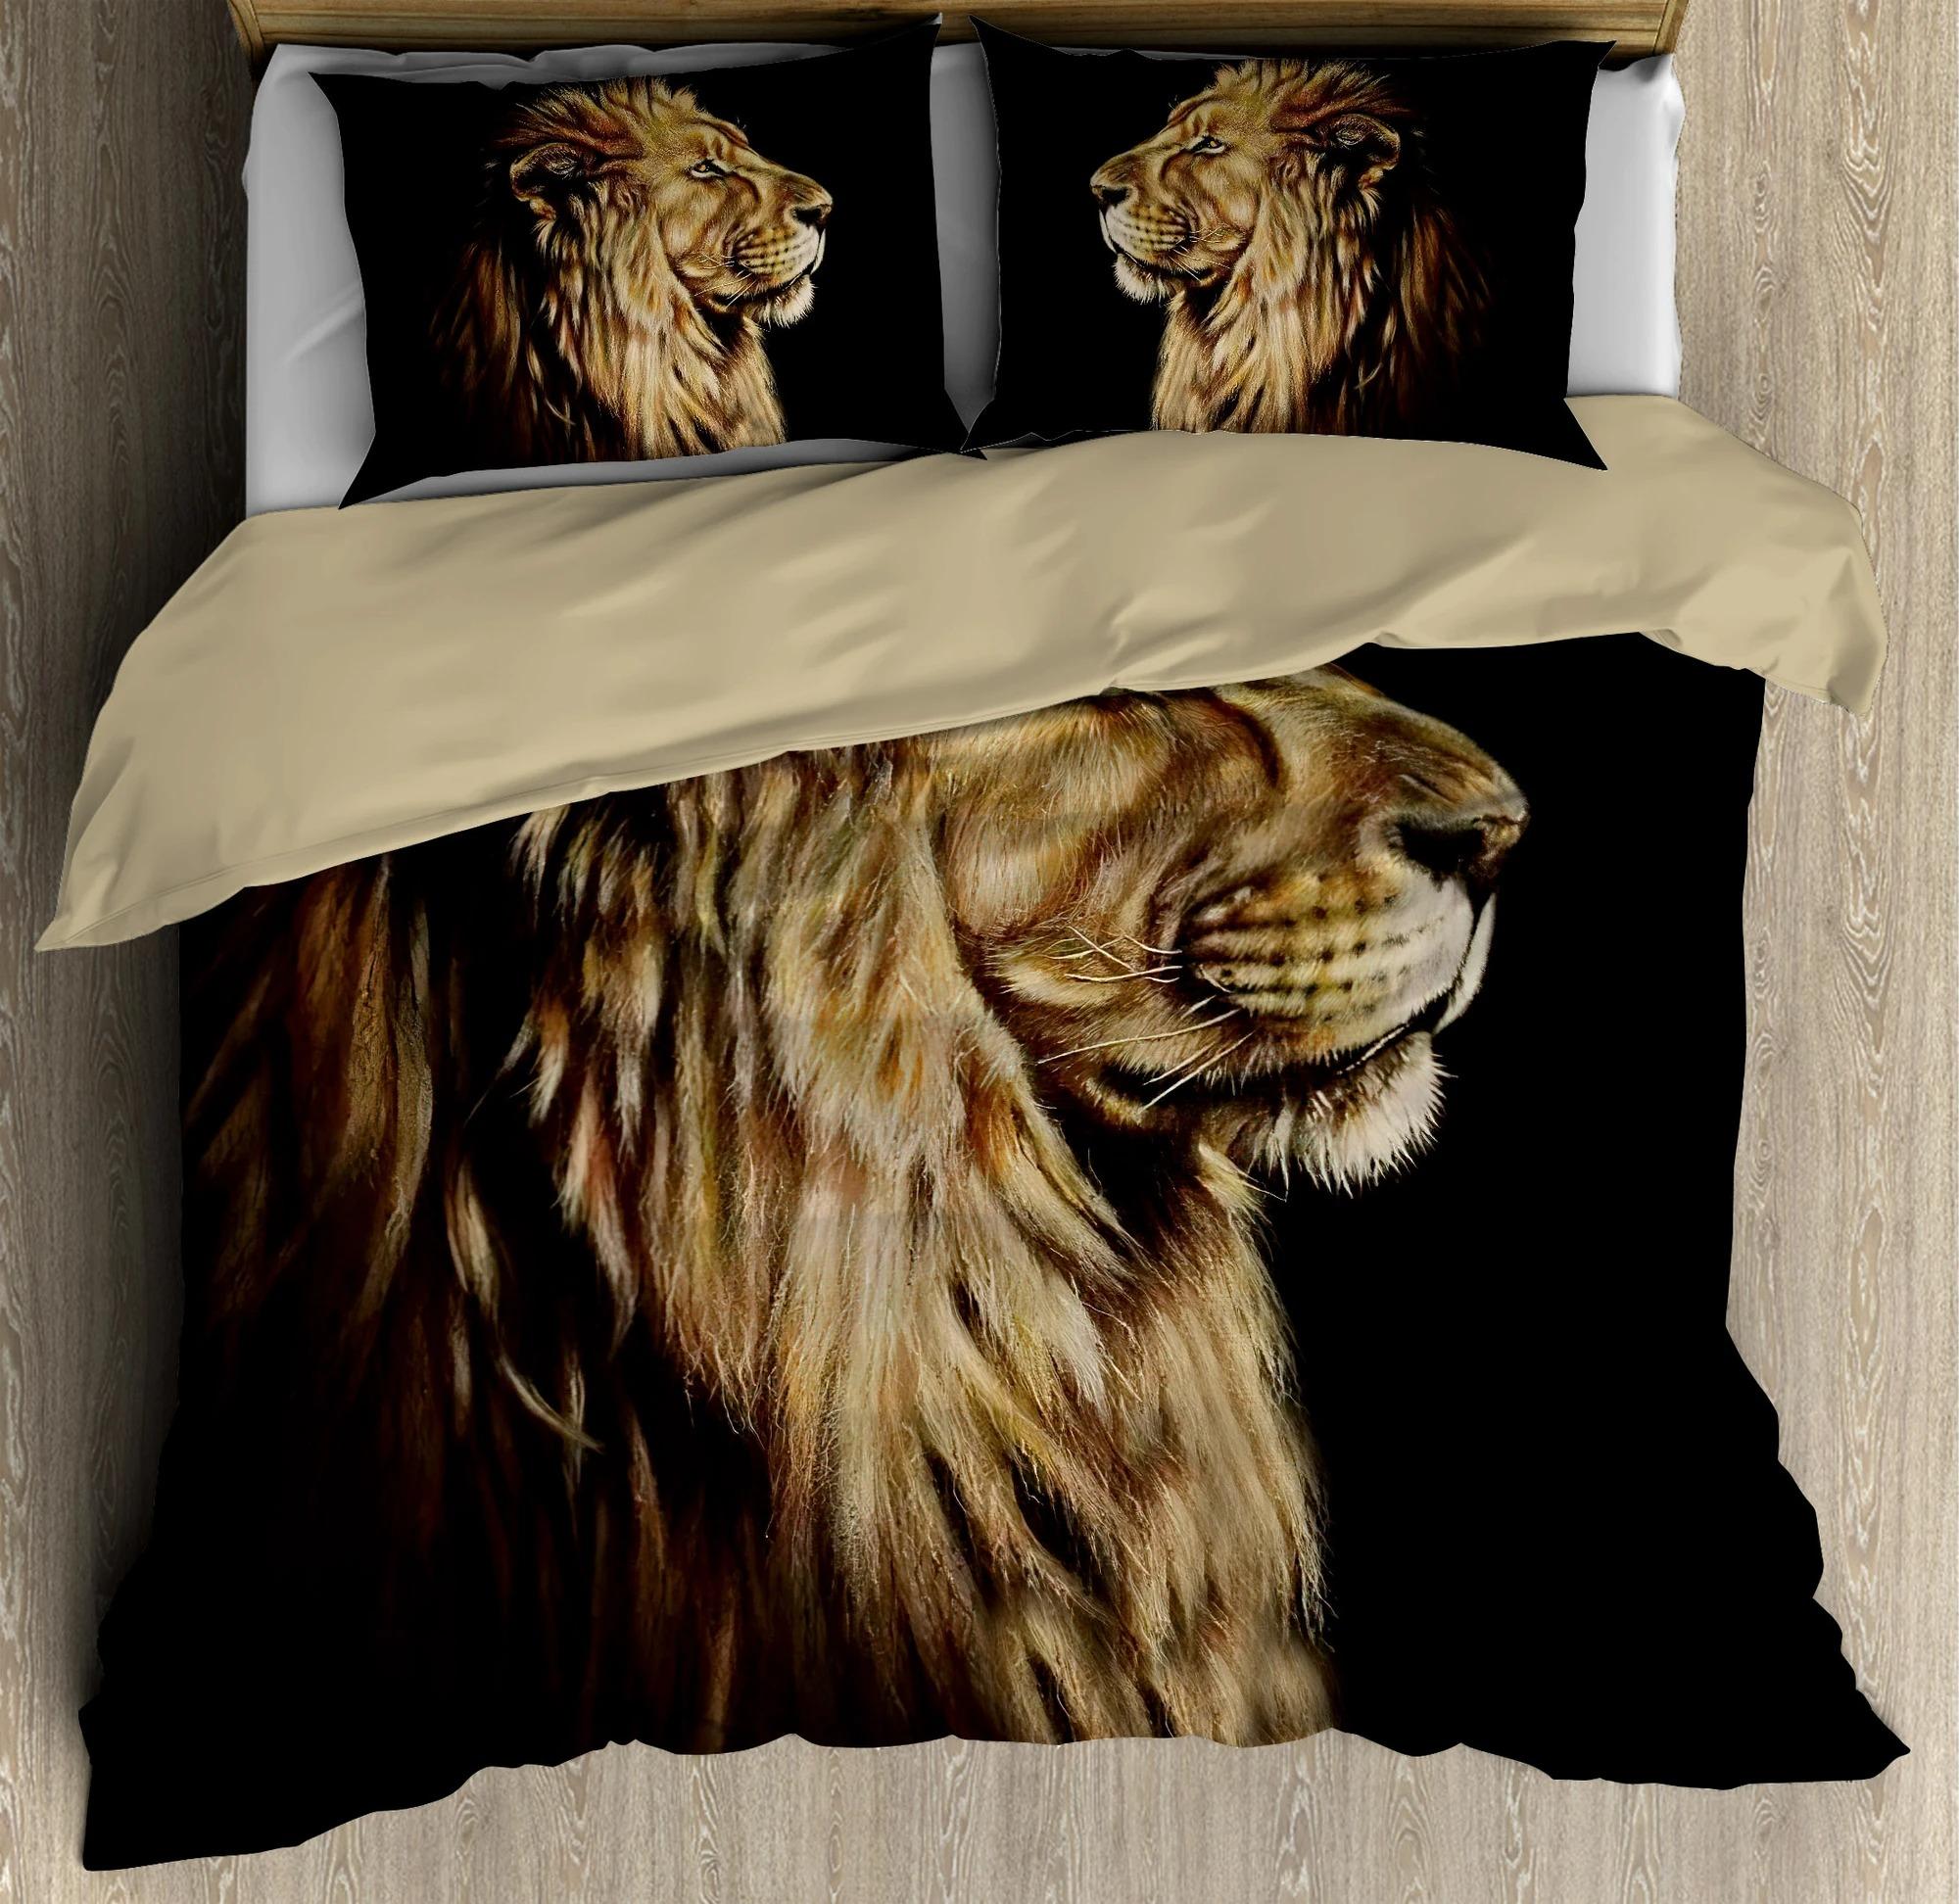 Lion King Portrait Bedding Set2